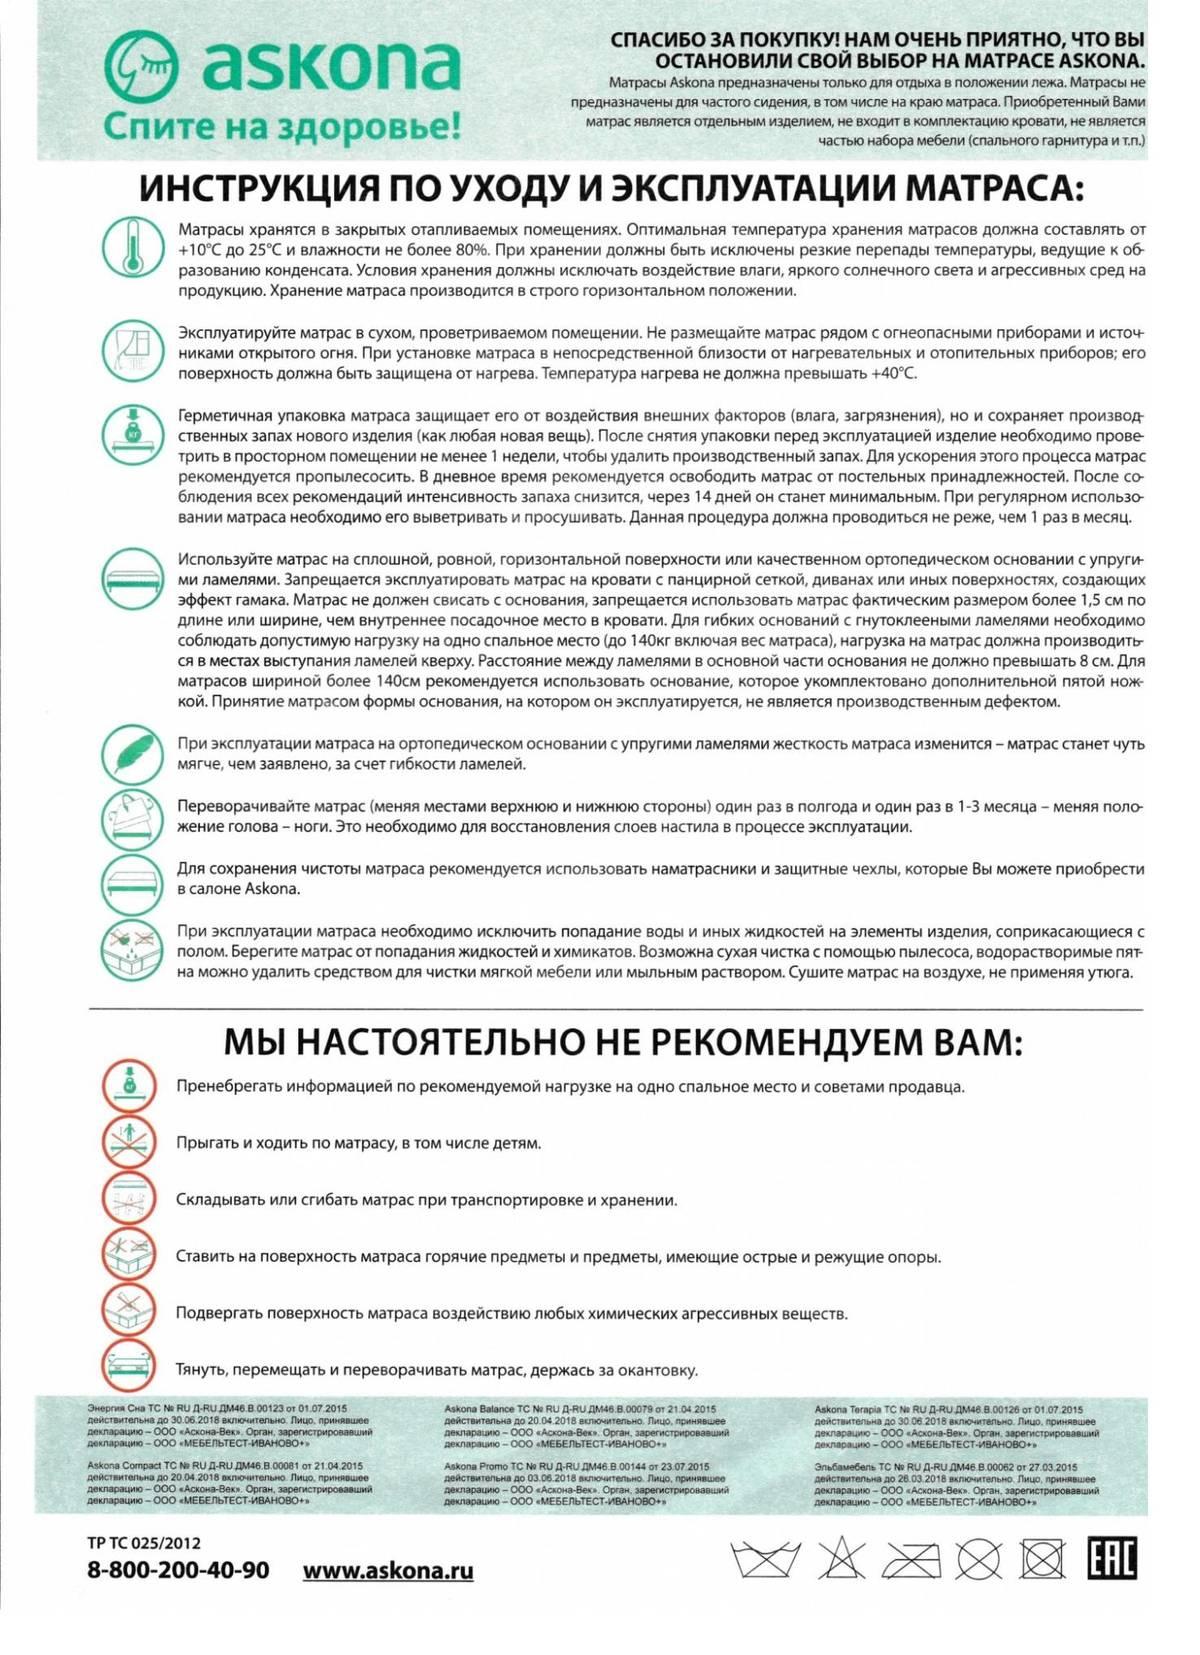 Инструкцию по эксплуатации матраса дают вместе с чеком во время доставки. Это может быть буклет или листовка. Если вам не выдали такую инструкцию, ее можно найти на сайте производителя. Источник: onlinetrade.ru